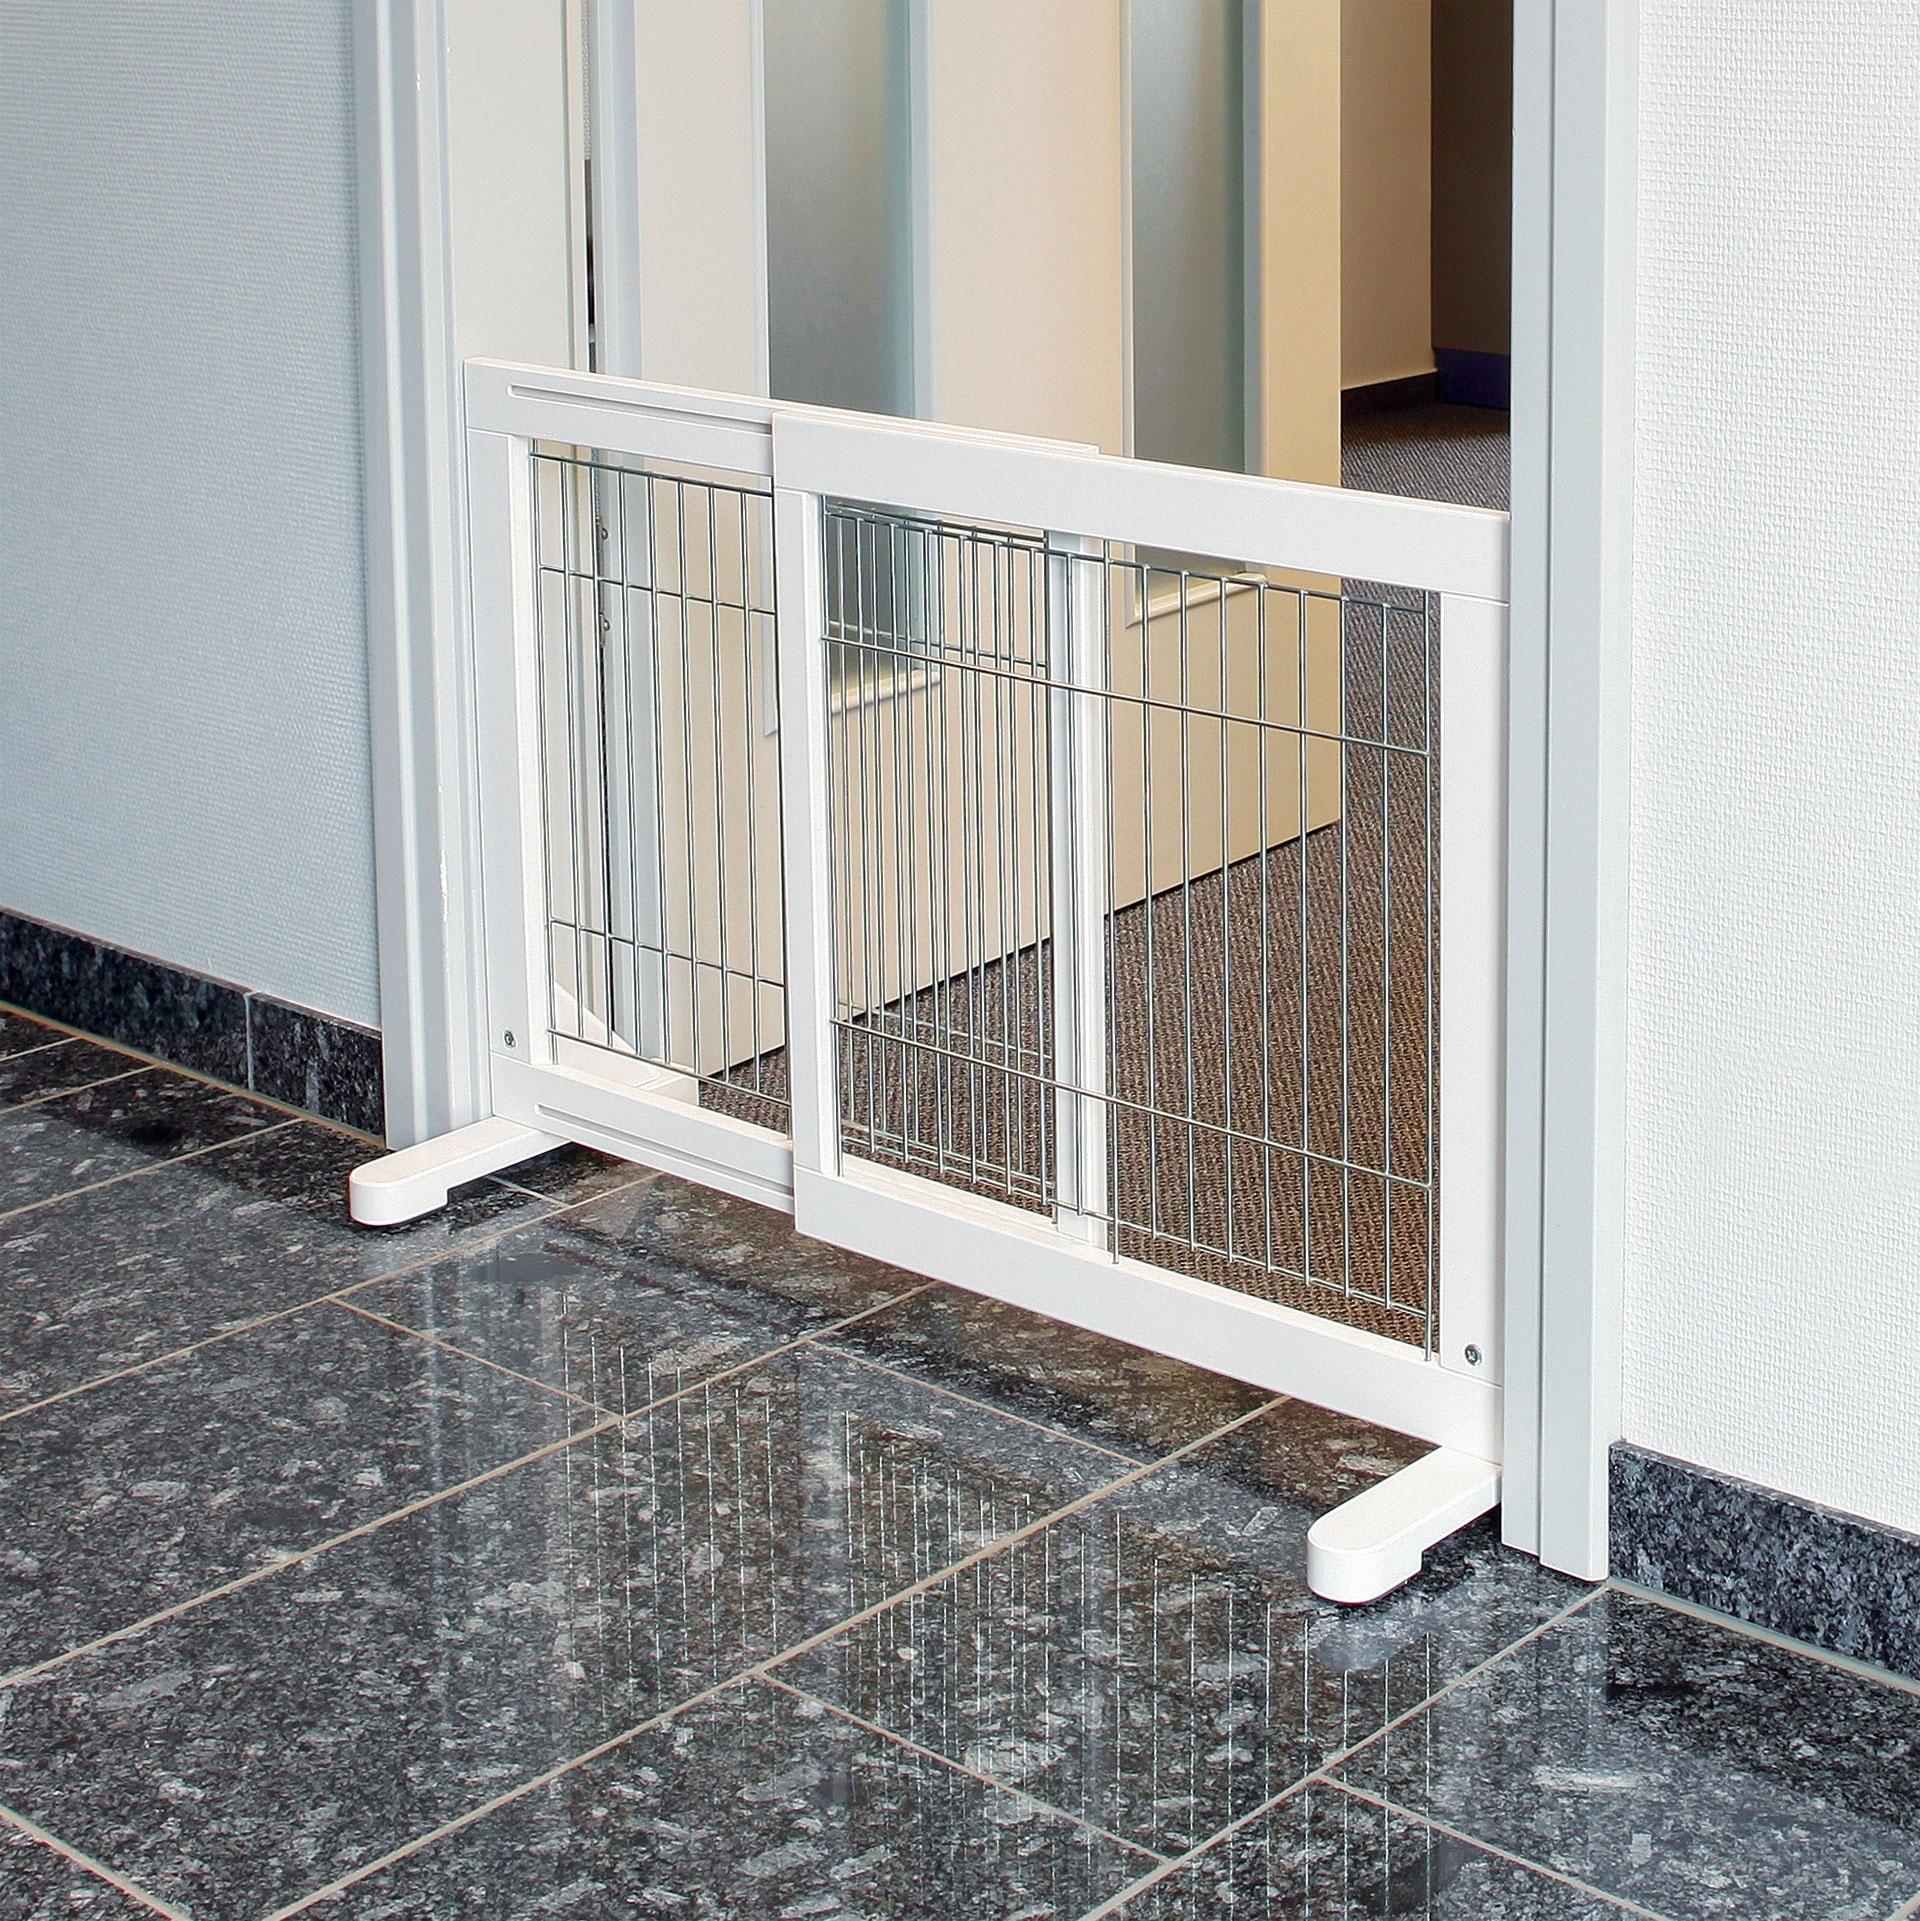 Absperrgitter für Hunde TRIXIE weiß 65-108x61x31cm Bild 2